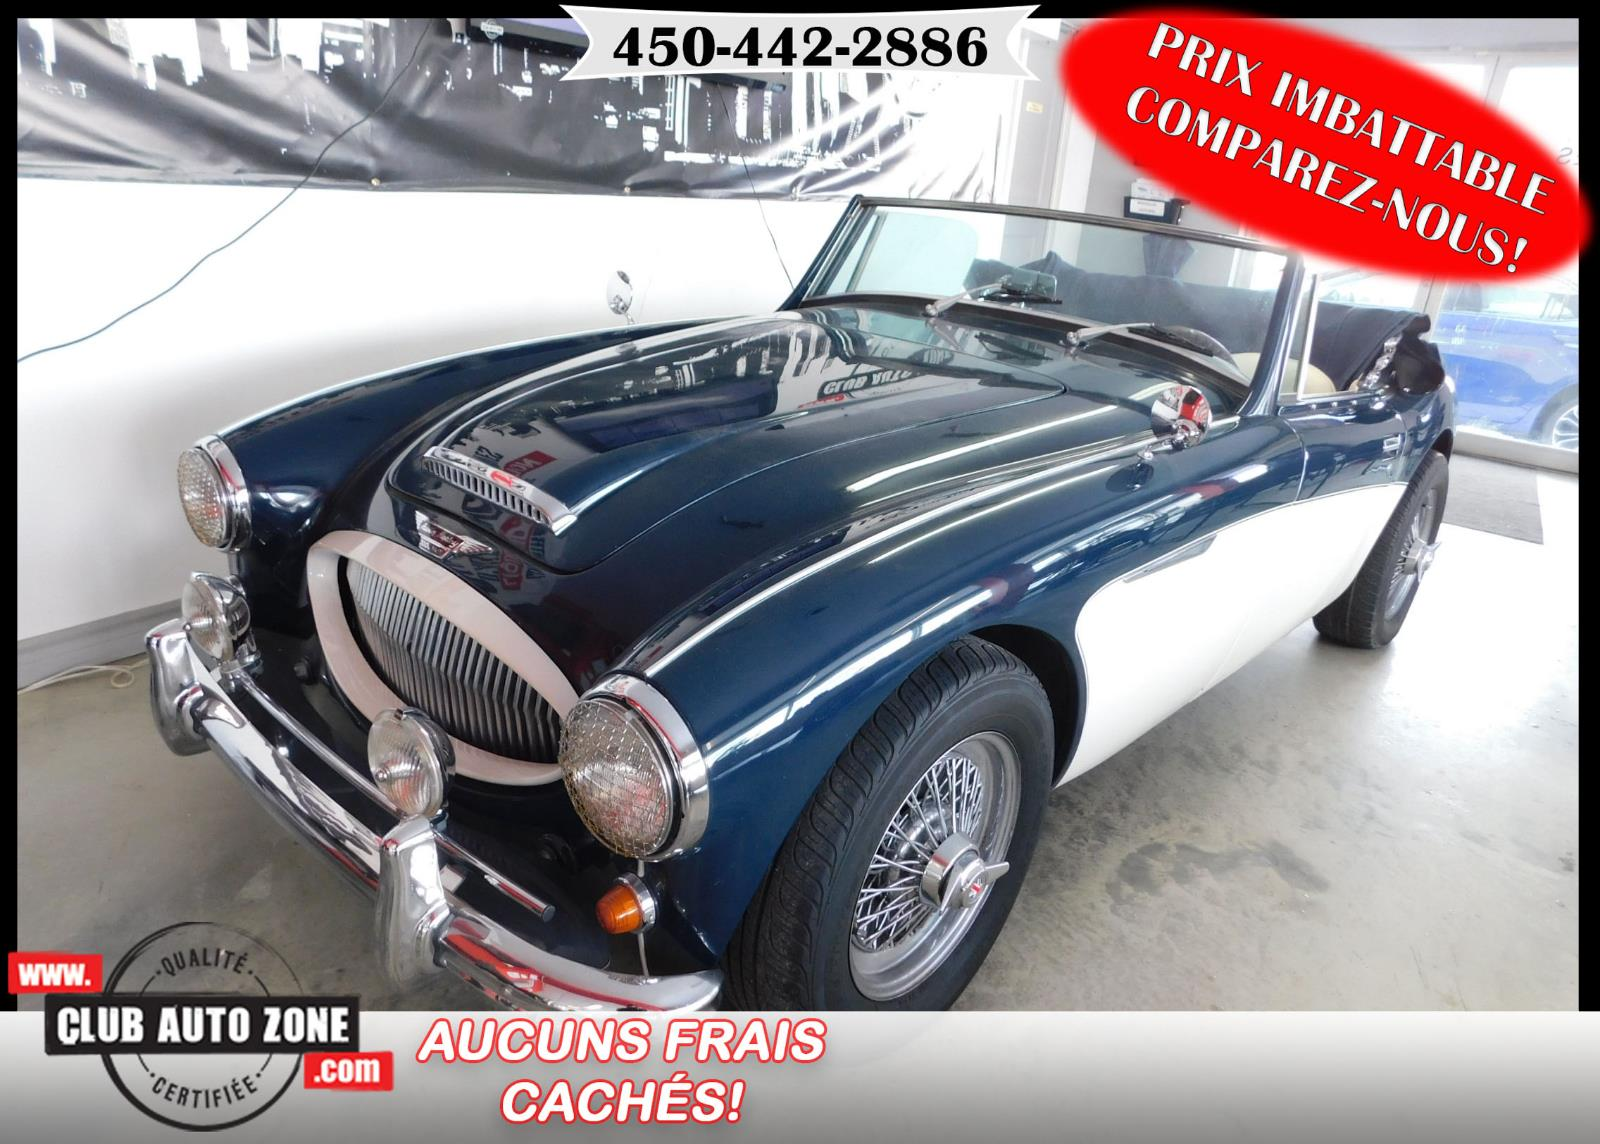 Austin Healey 3000 1997 MK3 #09250524